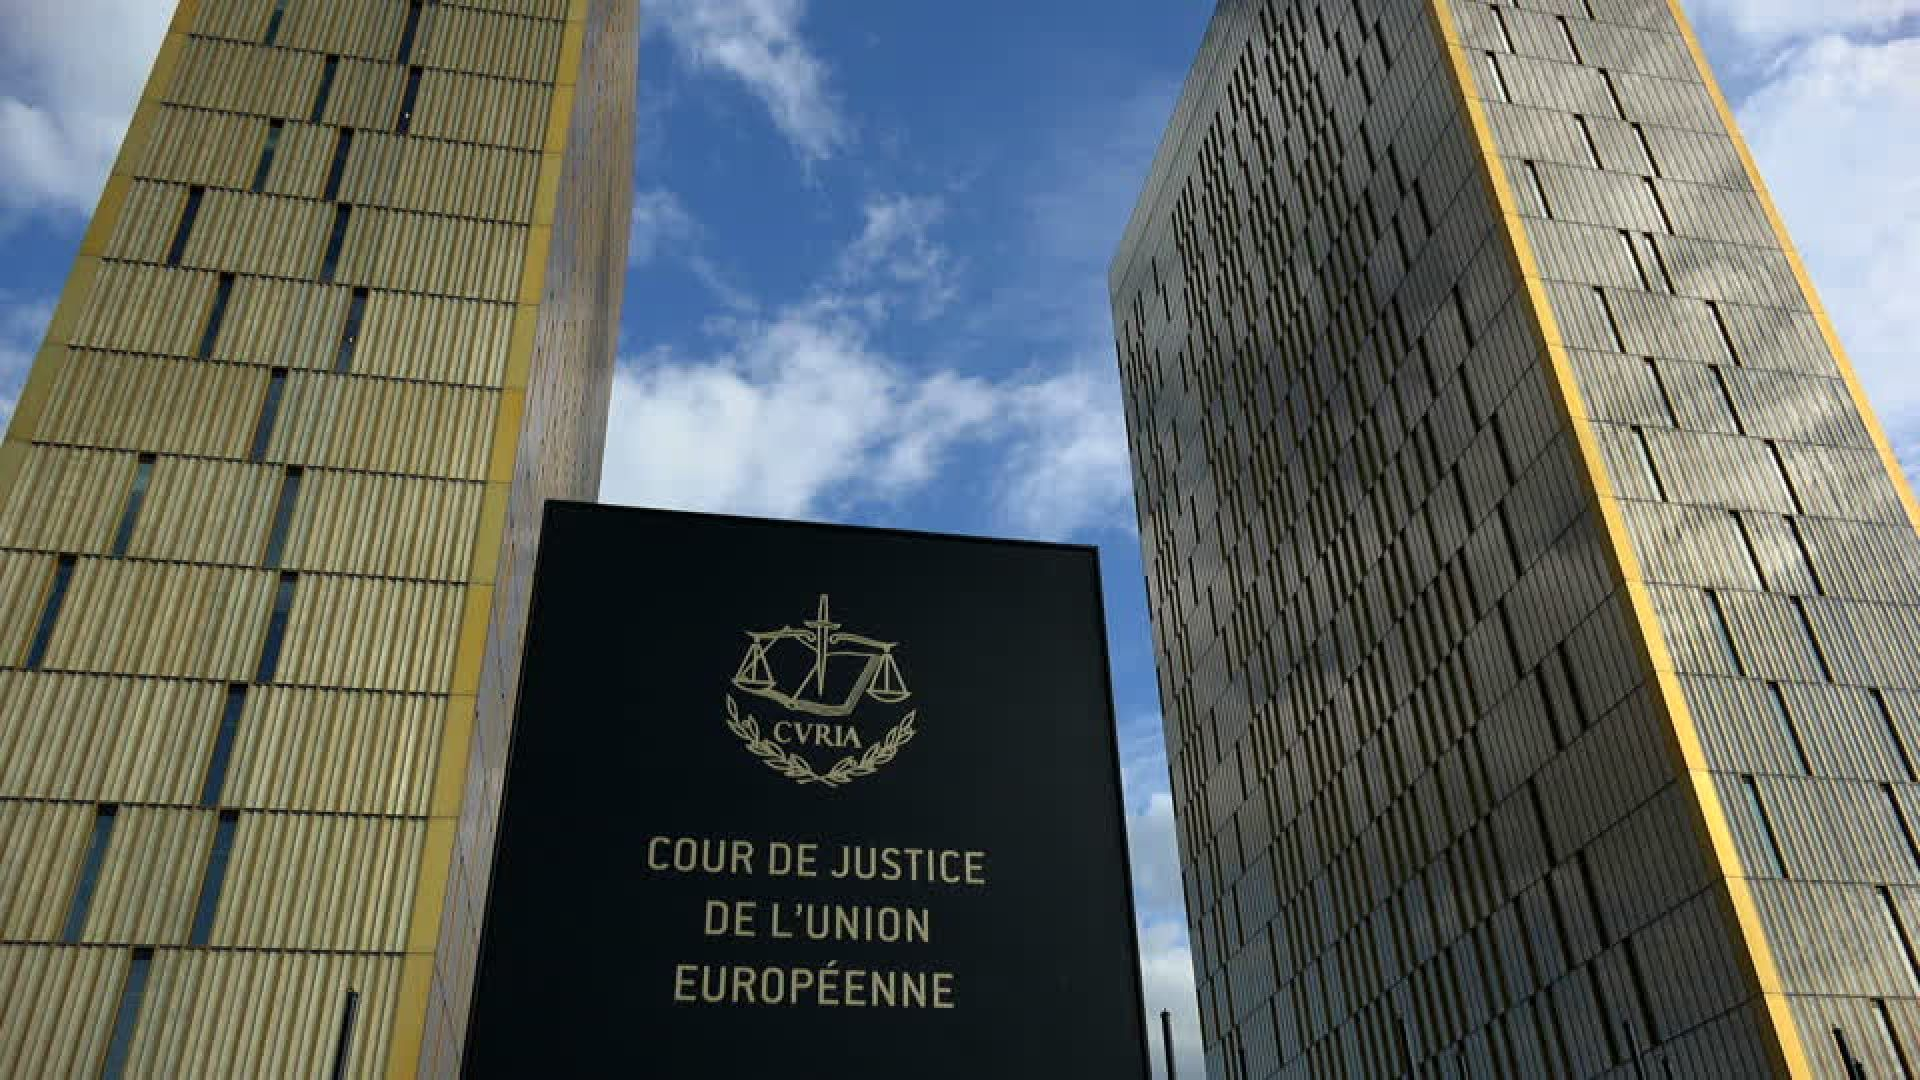 Corte di giustizia UE 001